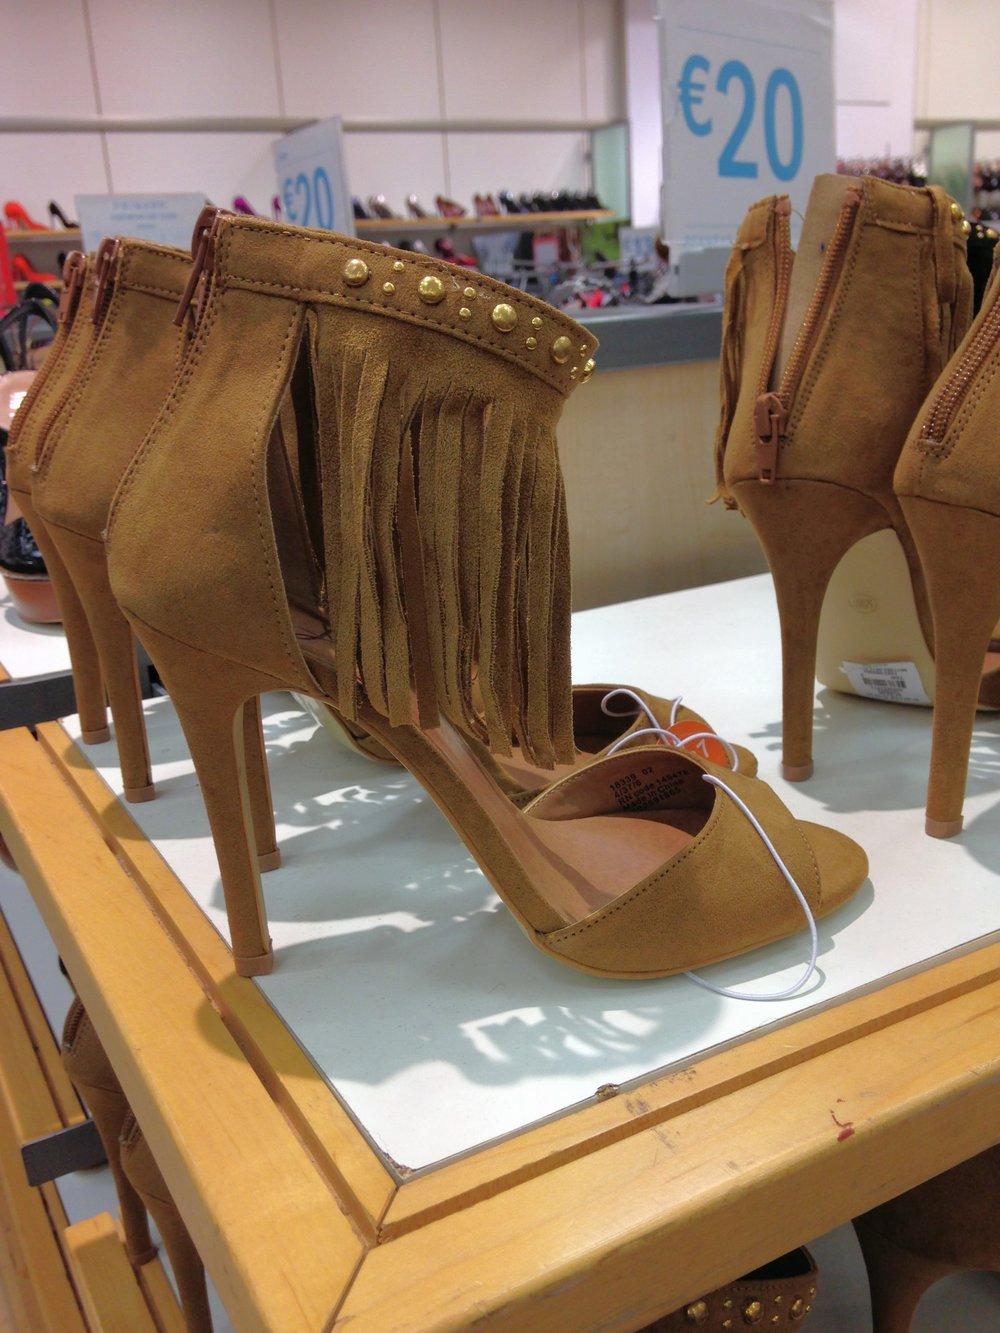 Pennys fringe sandal